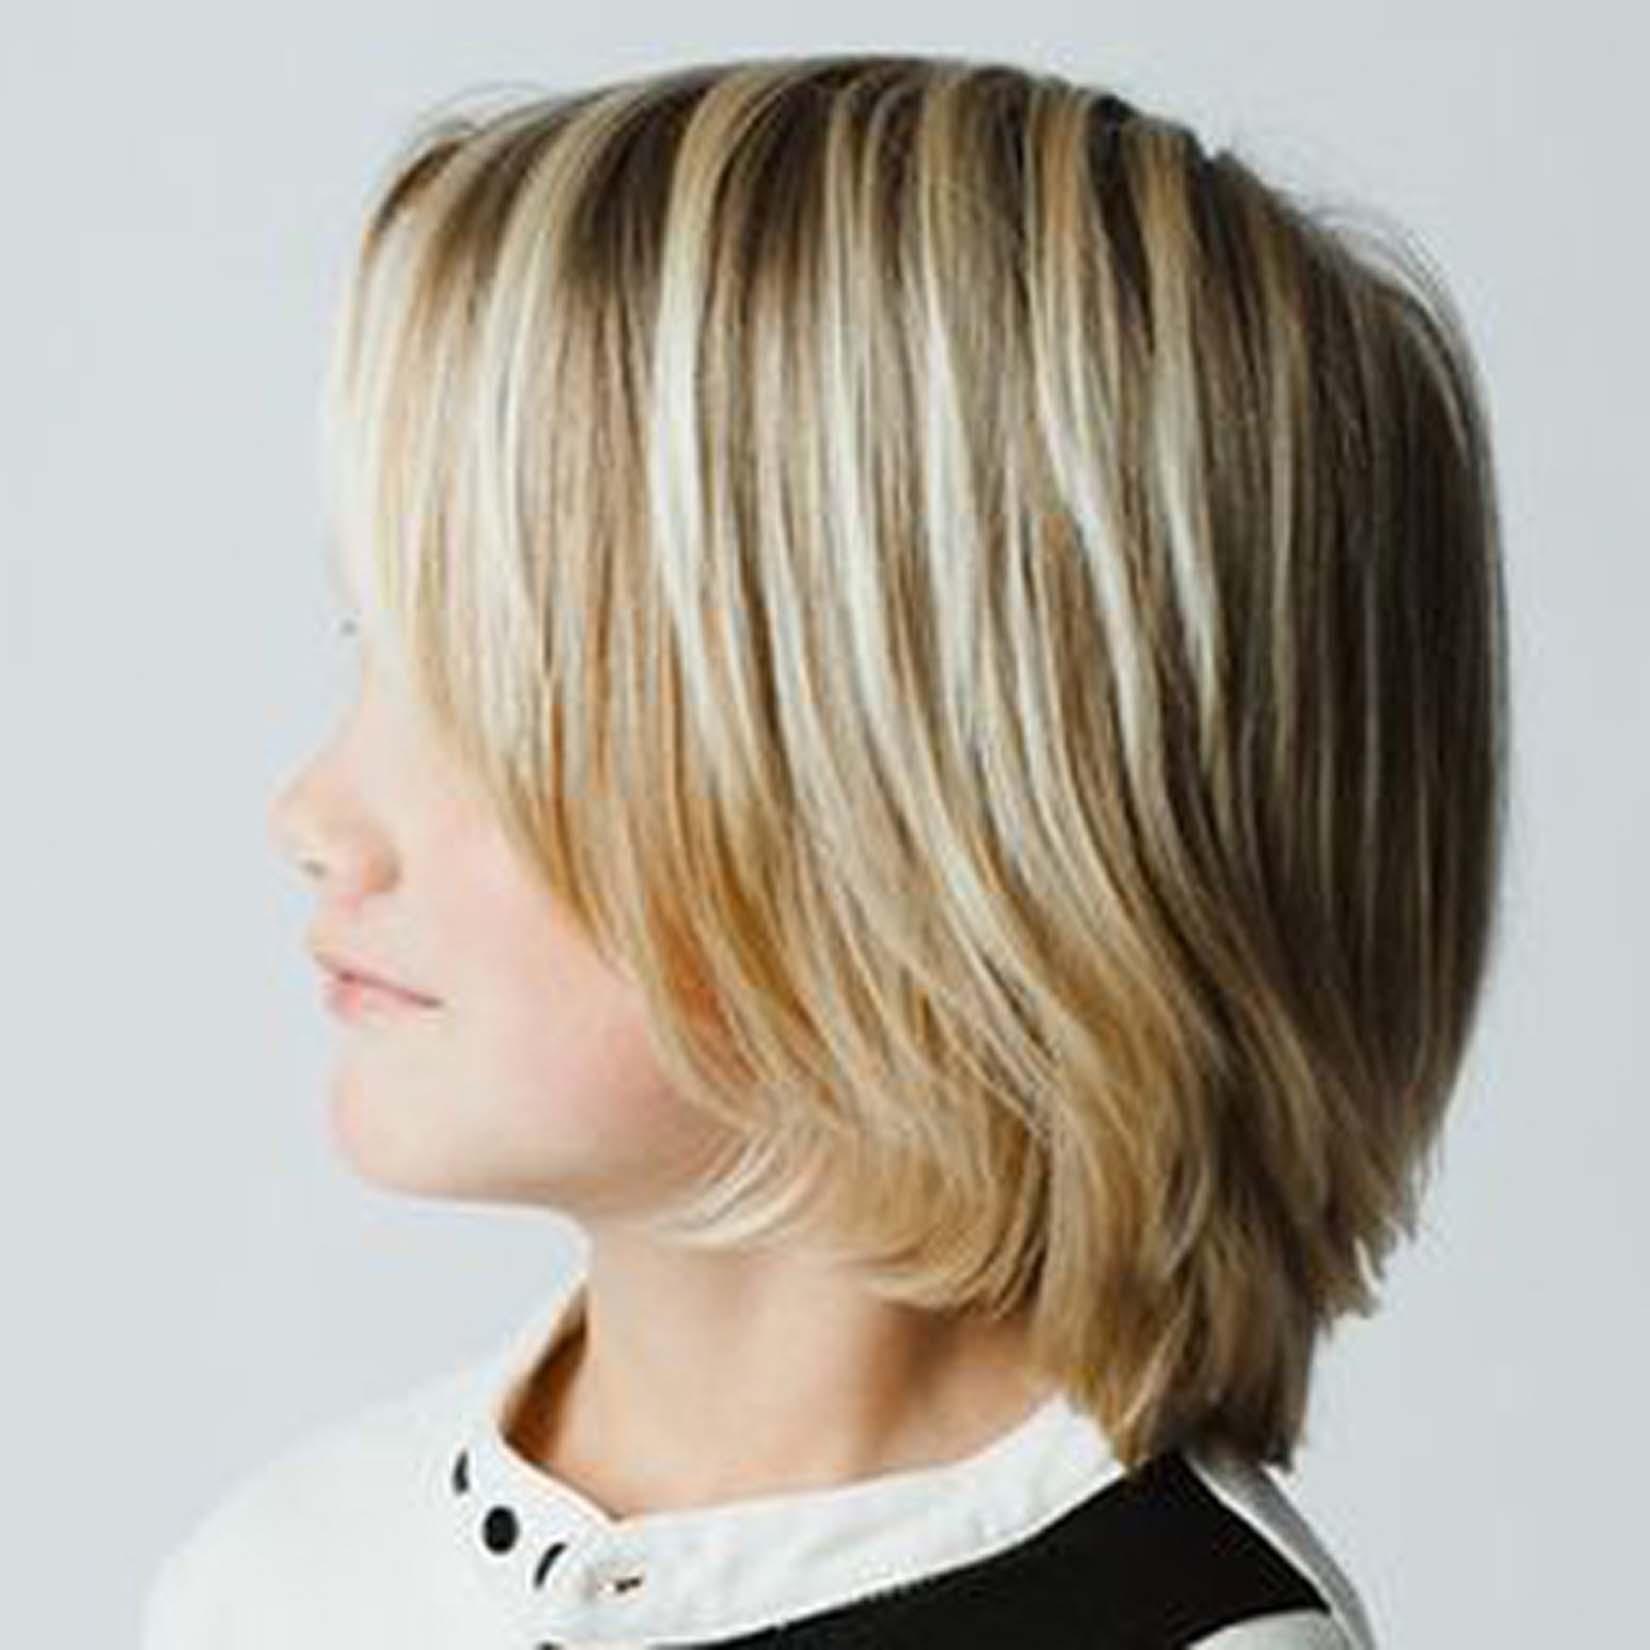 Topfschnitt vs. Surfermatte – Frisuren für kleine Jungs - The